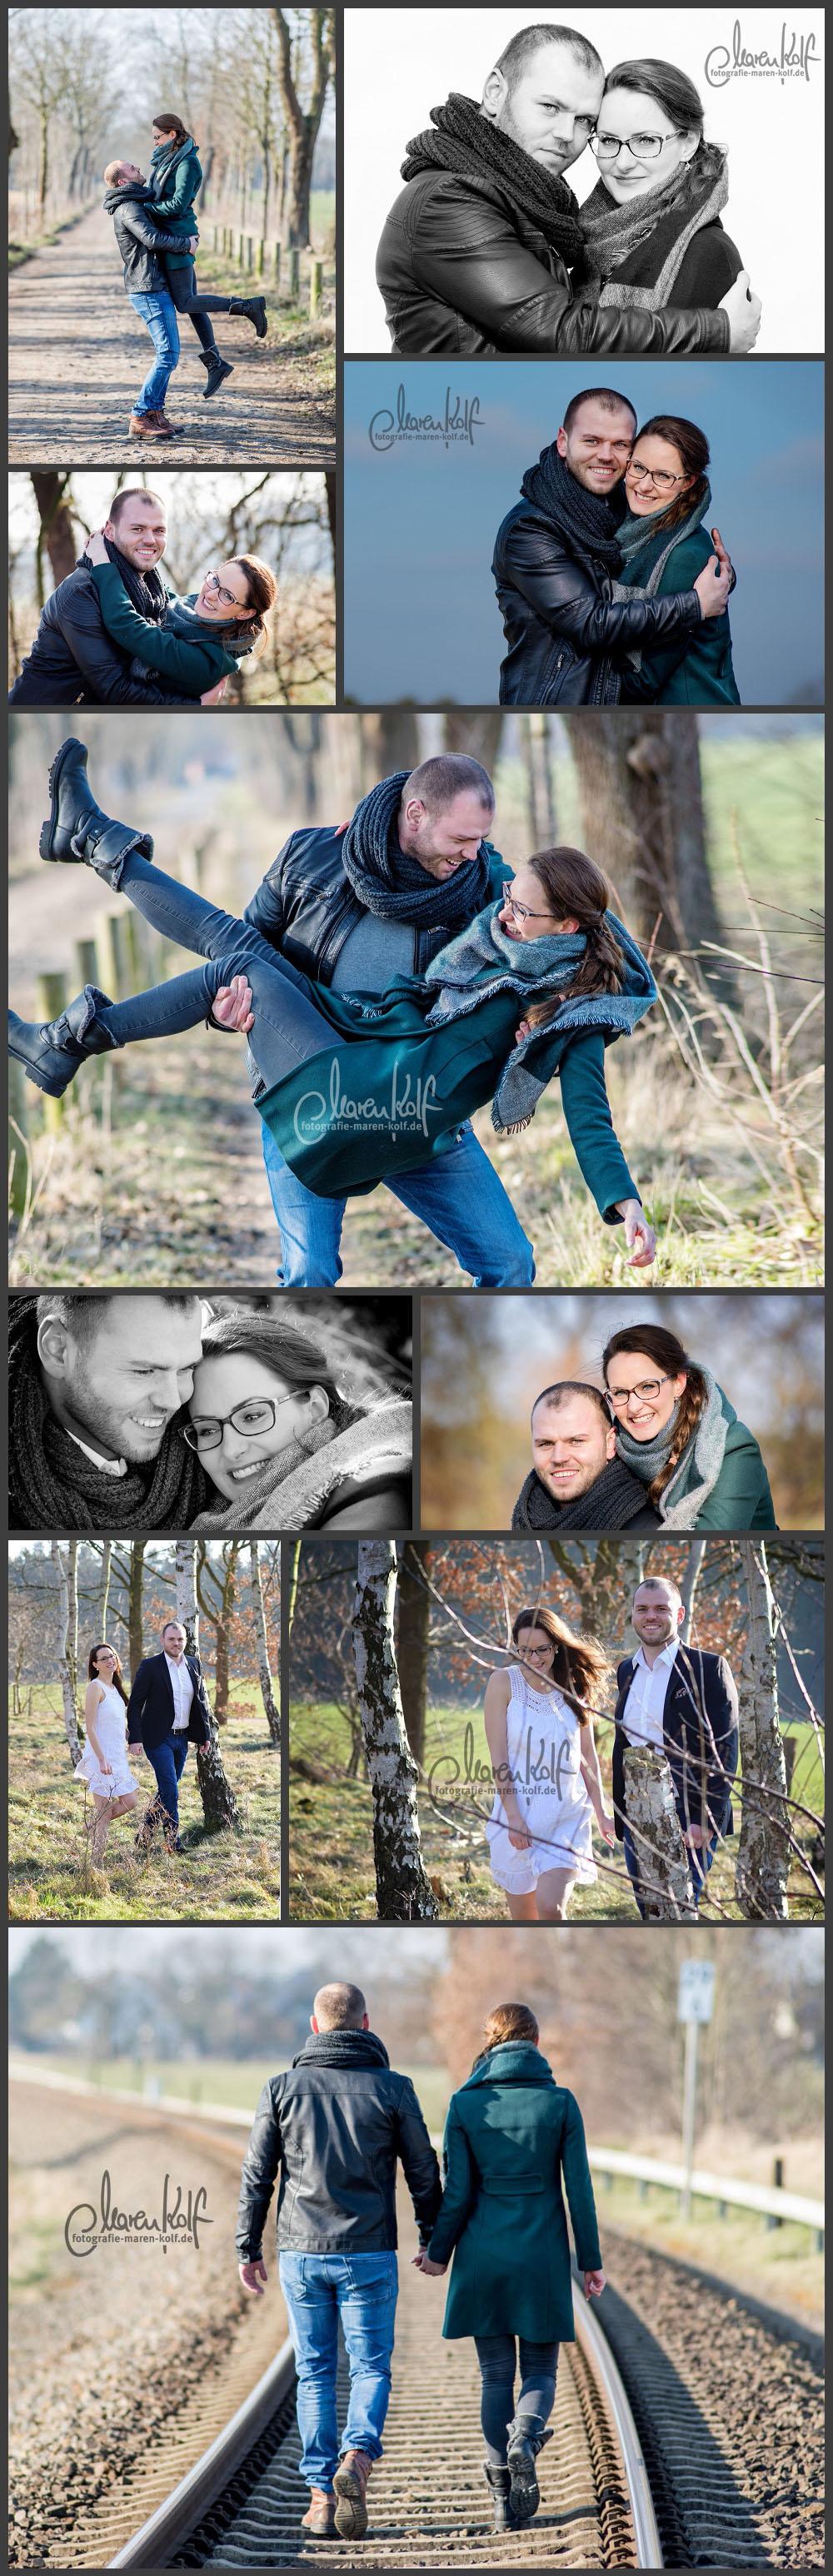 verlobungsfotografie-in-der-natur-maren-kolf-fotografie-wedemark-blog